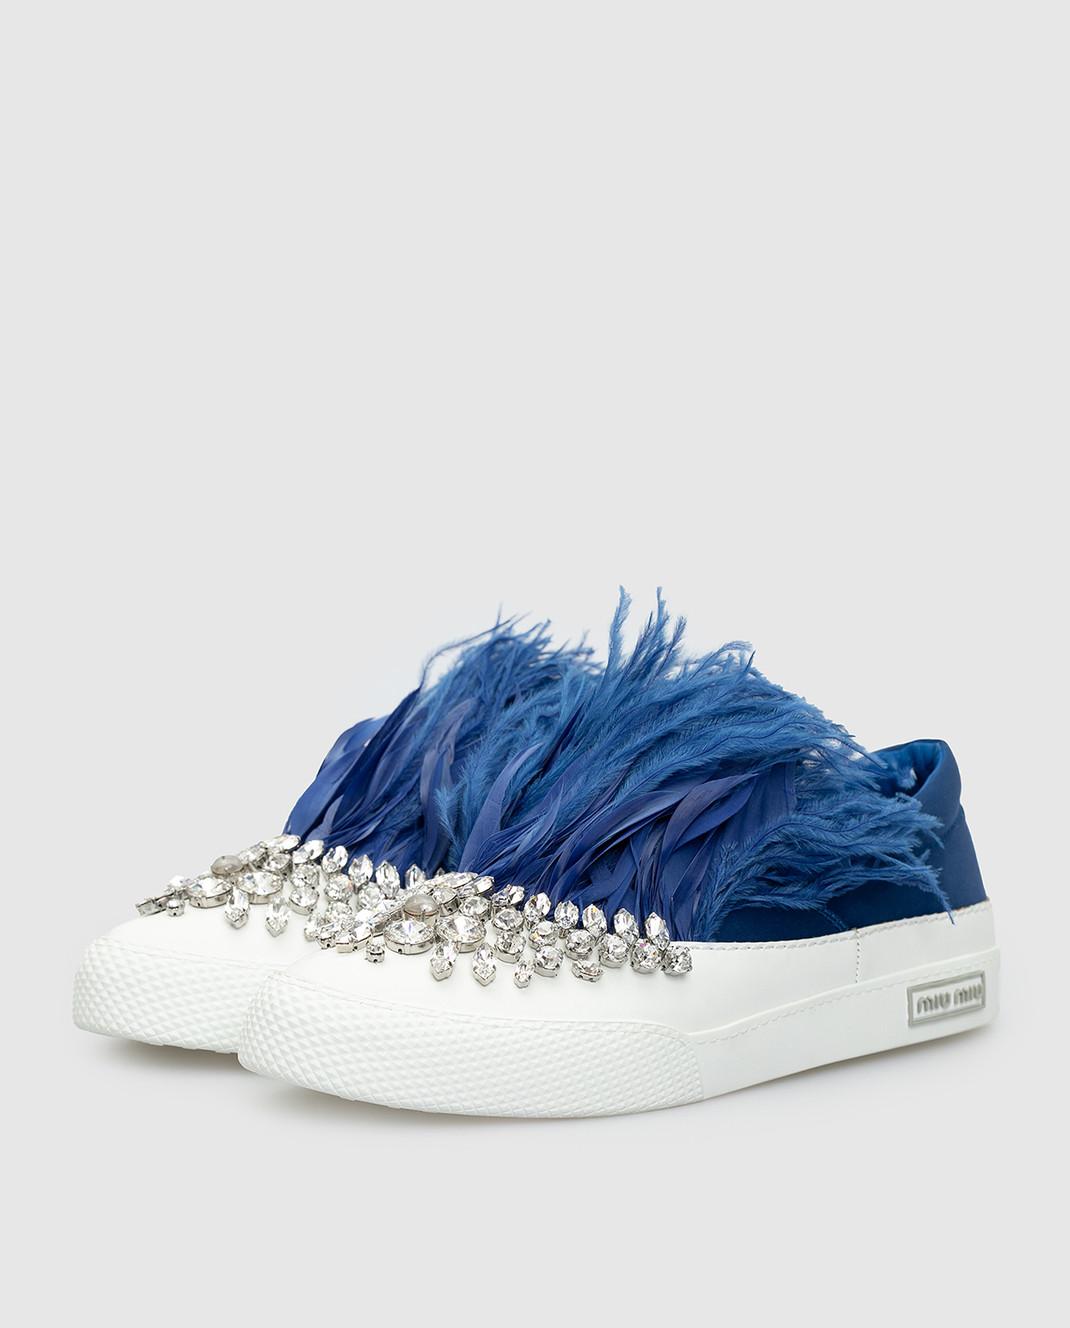 Miu Miu Синие слипоны с кристаллами и перьями из страуса 5S926A3J2W изображение 3